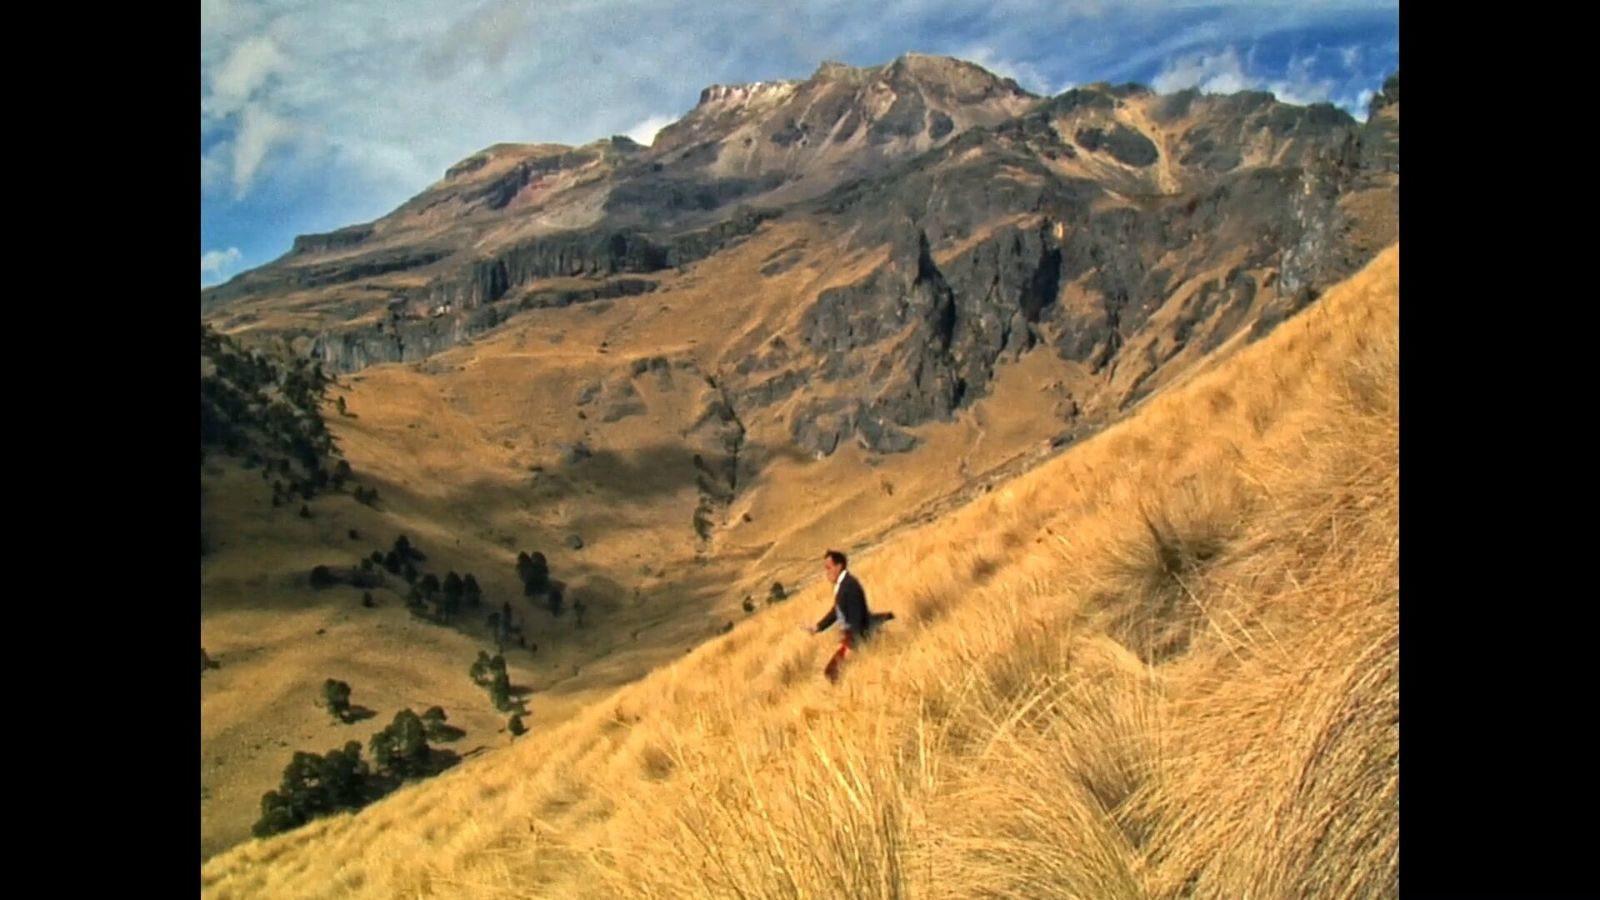 Cena do filme Toda Luz Que Podemos Ver exibe uma paisagem com vegetação rasteira e seca, montanhas ao fundo e o céu azul com poucas nuvens. Ao centro da imagem aparece um homem de roupa preta andando pela vegetação baixa.